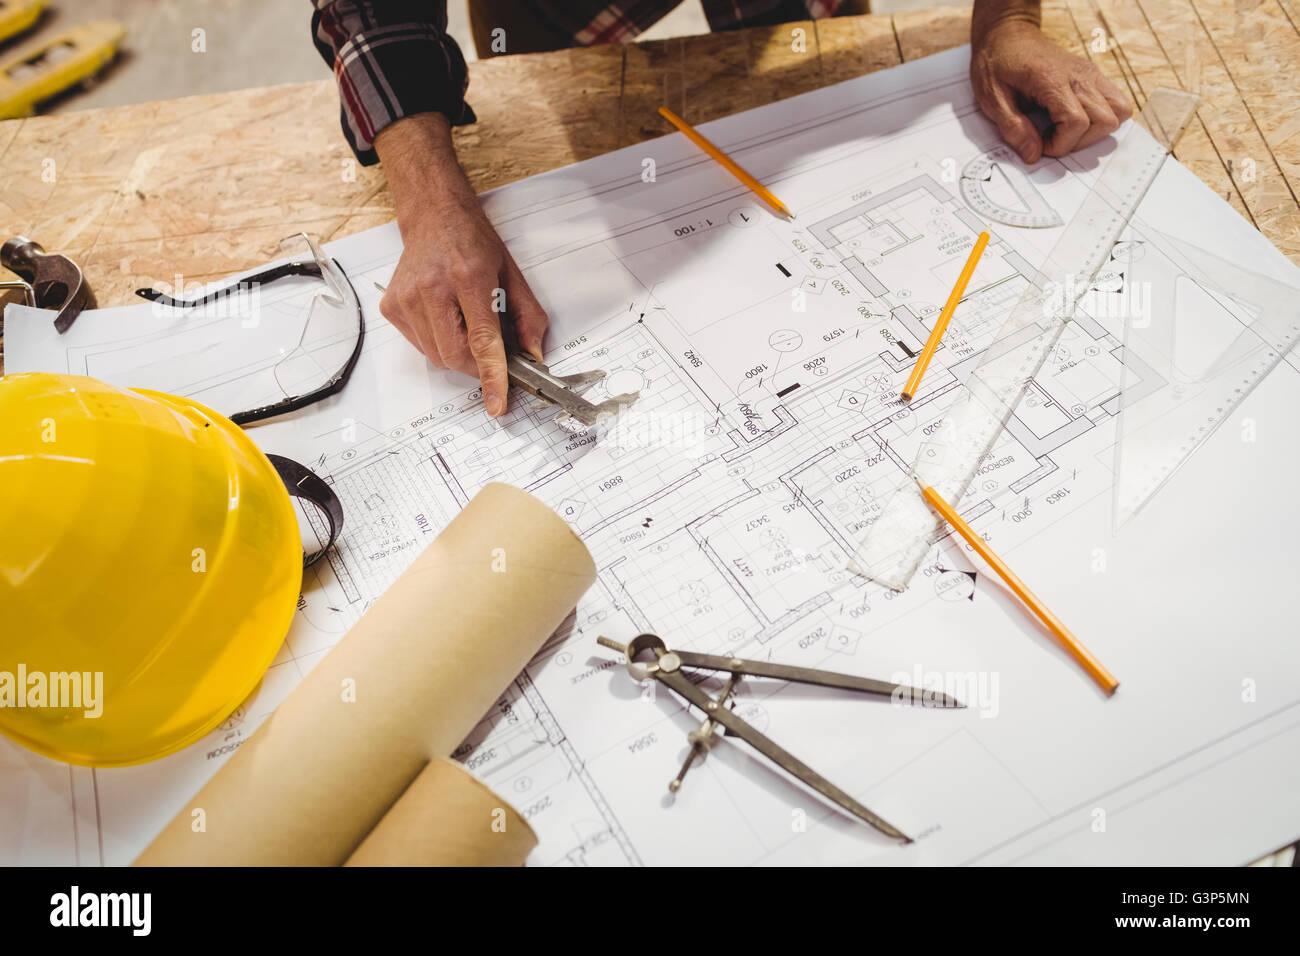 Carpenter taking measures on a plan - Stock Image